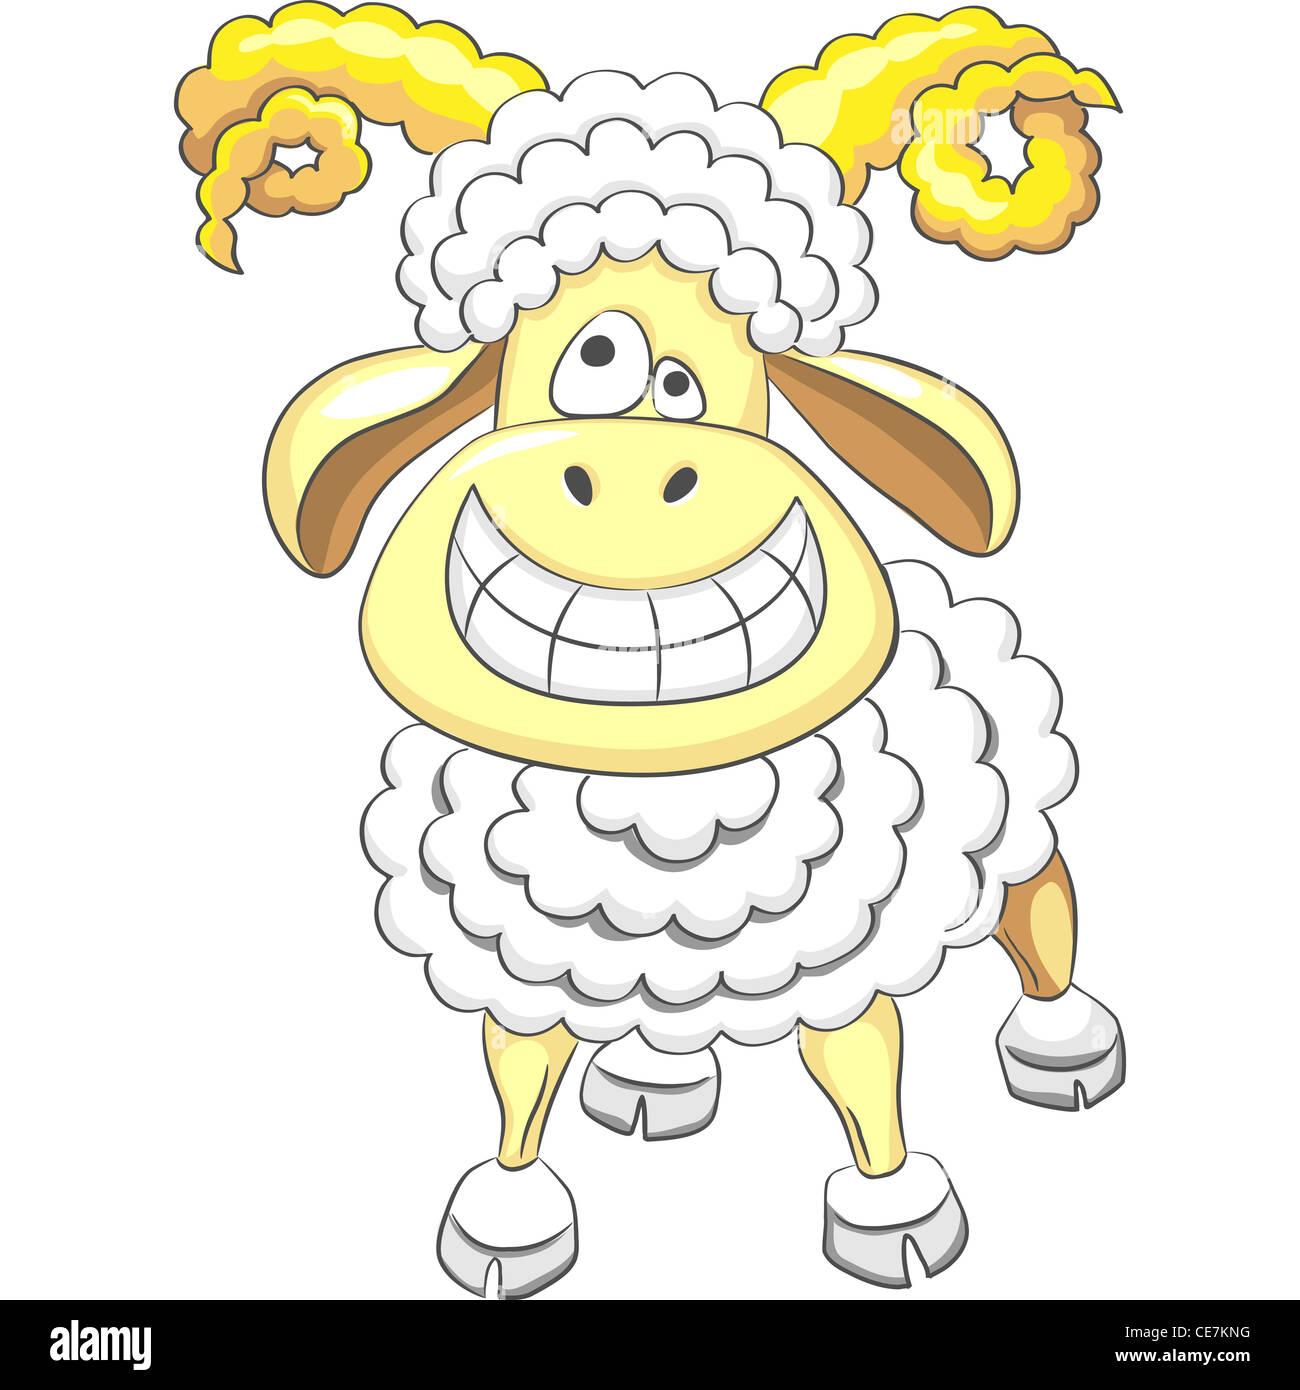 Cartoon gracioso feliz ram sonrisas y risas divertidas Imagen De Stock